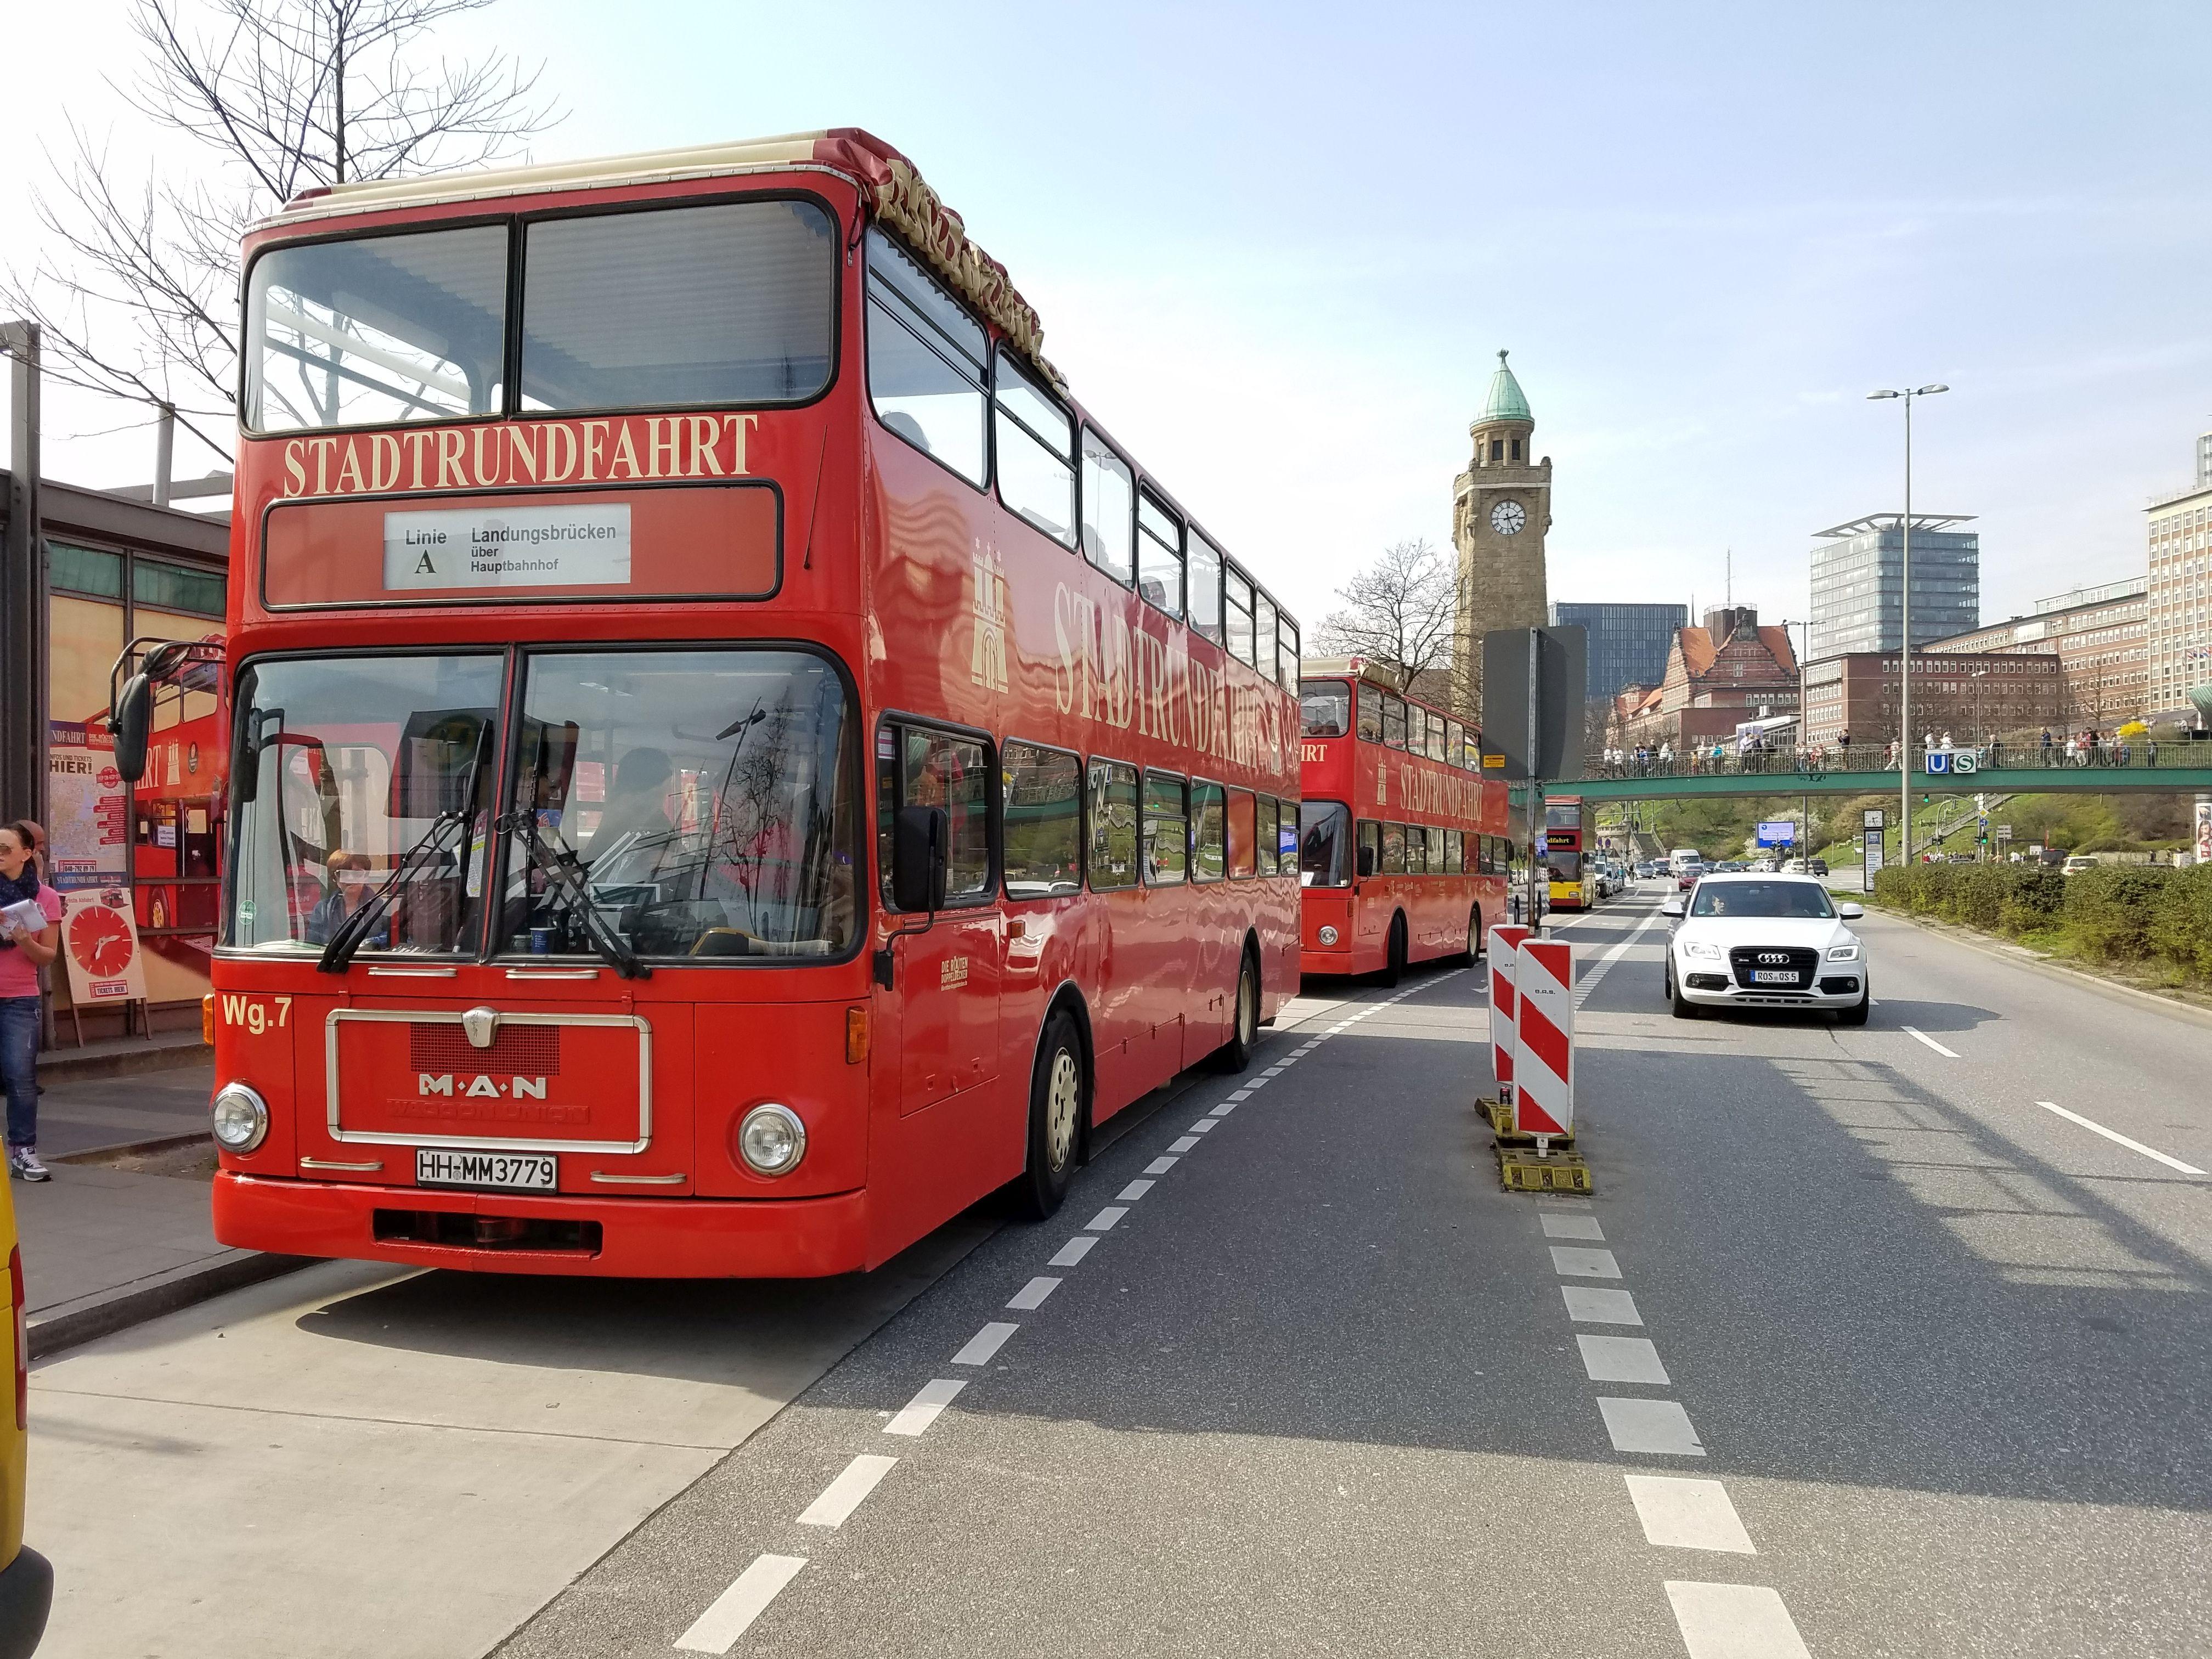 Foto: Bus 3239, Typ SD83, Stadtrundfahrtbus HH MM 3779, Hamburg, März 2017